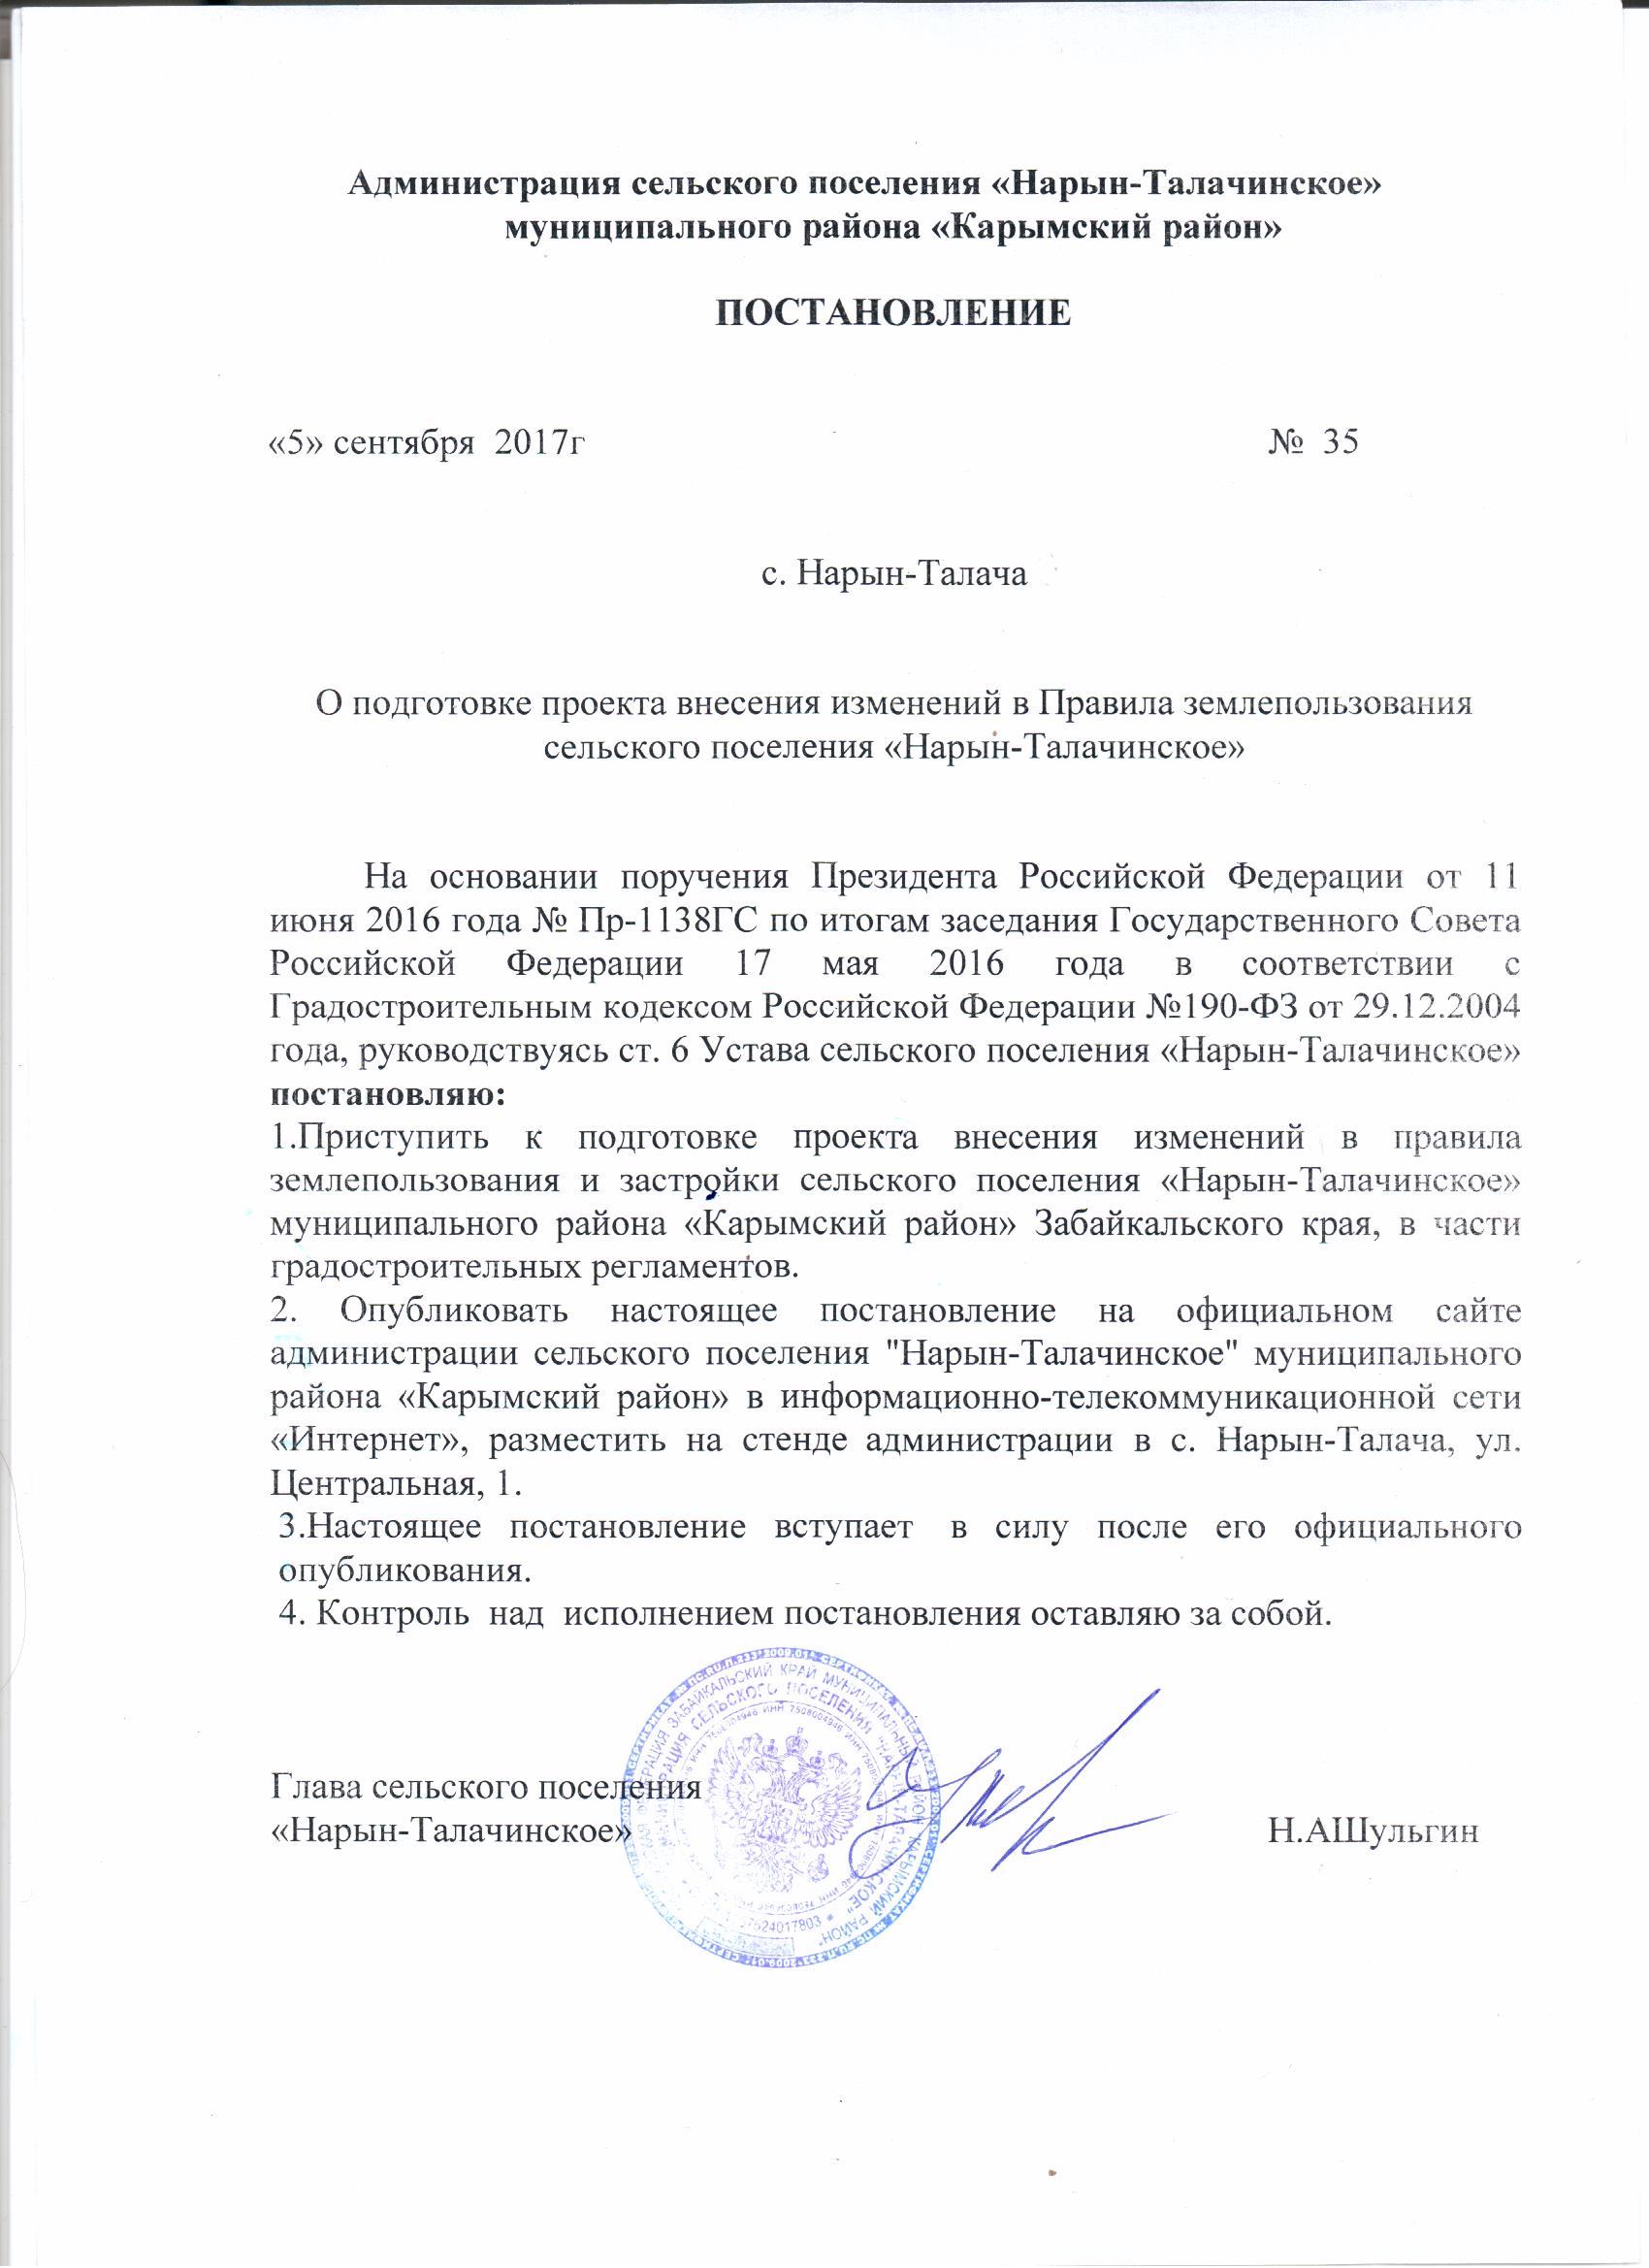 сп Н-Талачинское внес изм в ПЗЗ